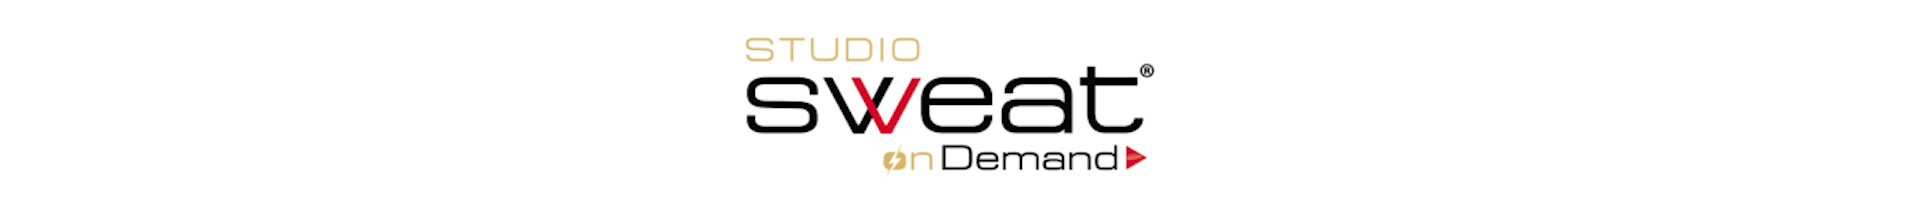 ssod logo